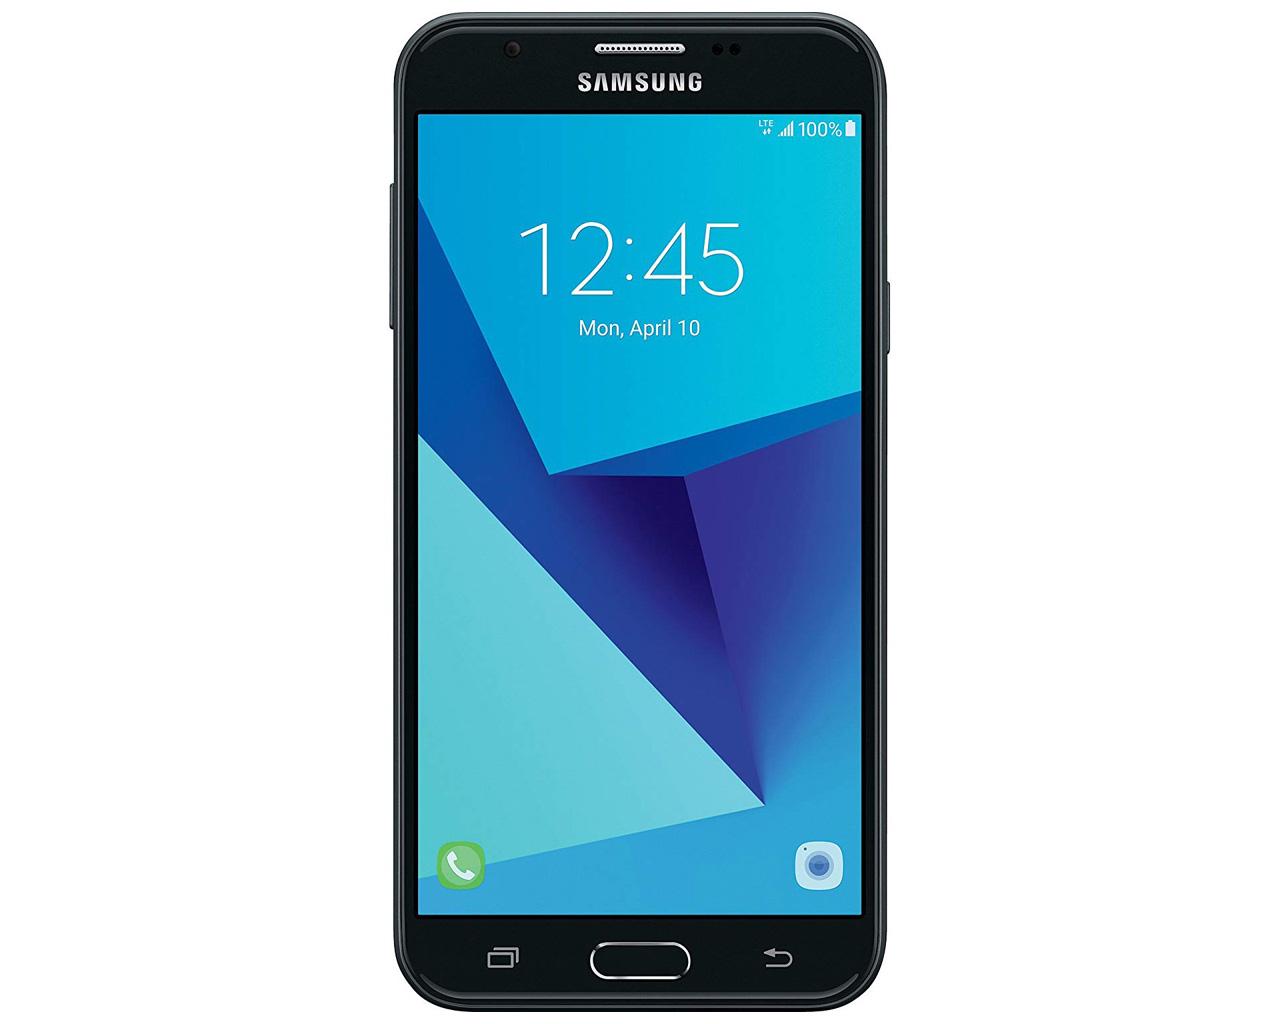 Samsung Galaxy J Series Notebookcheck External Reviews